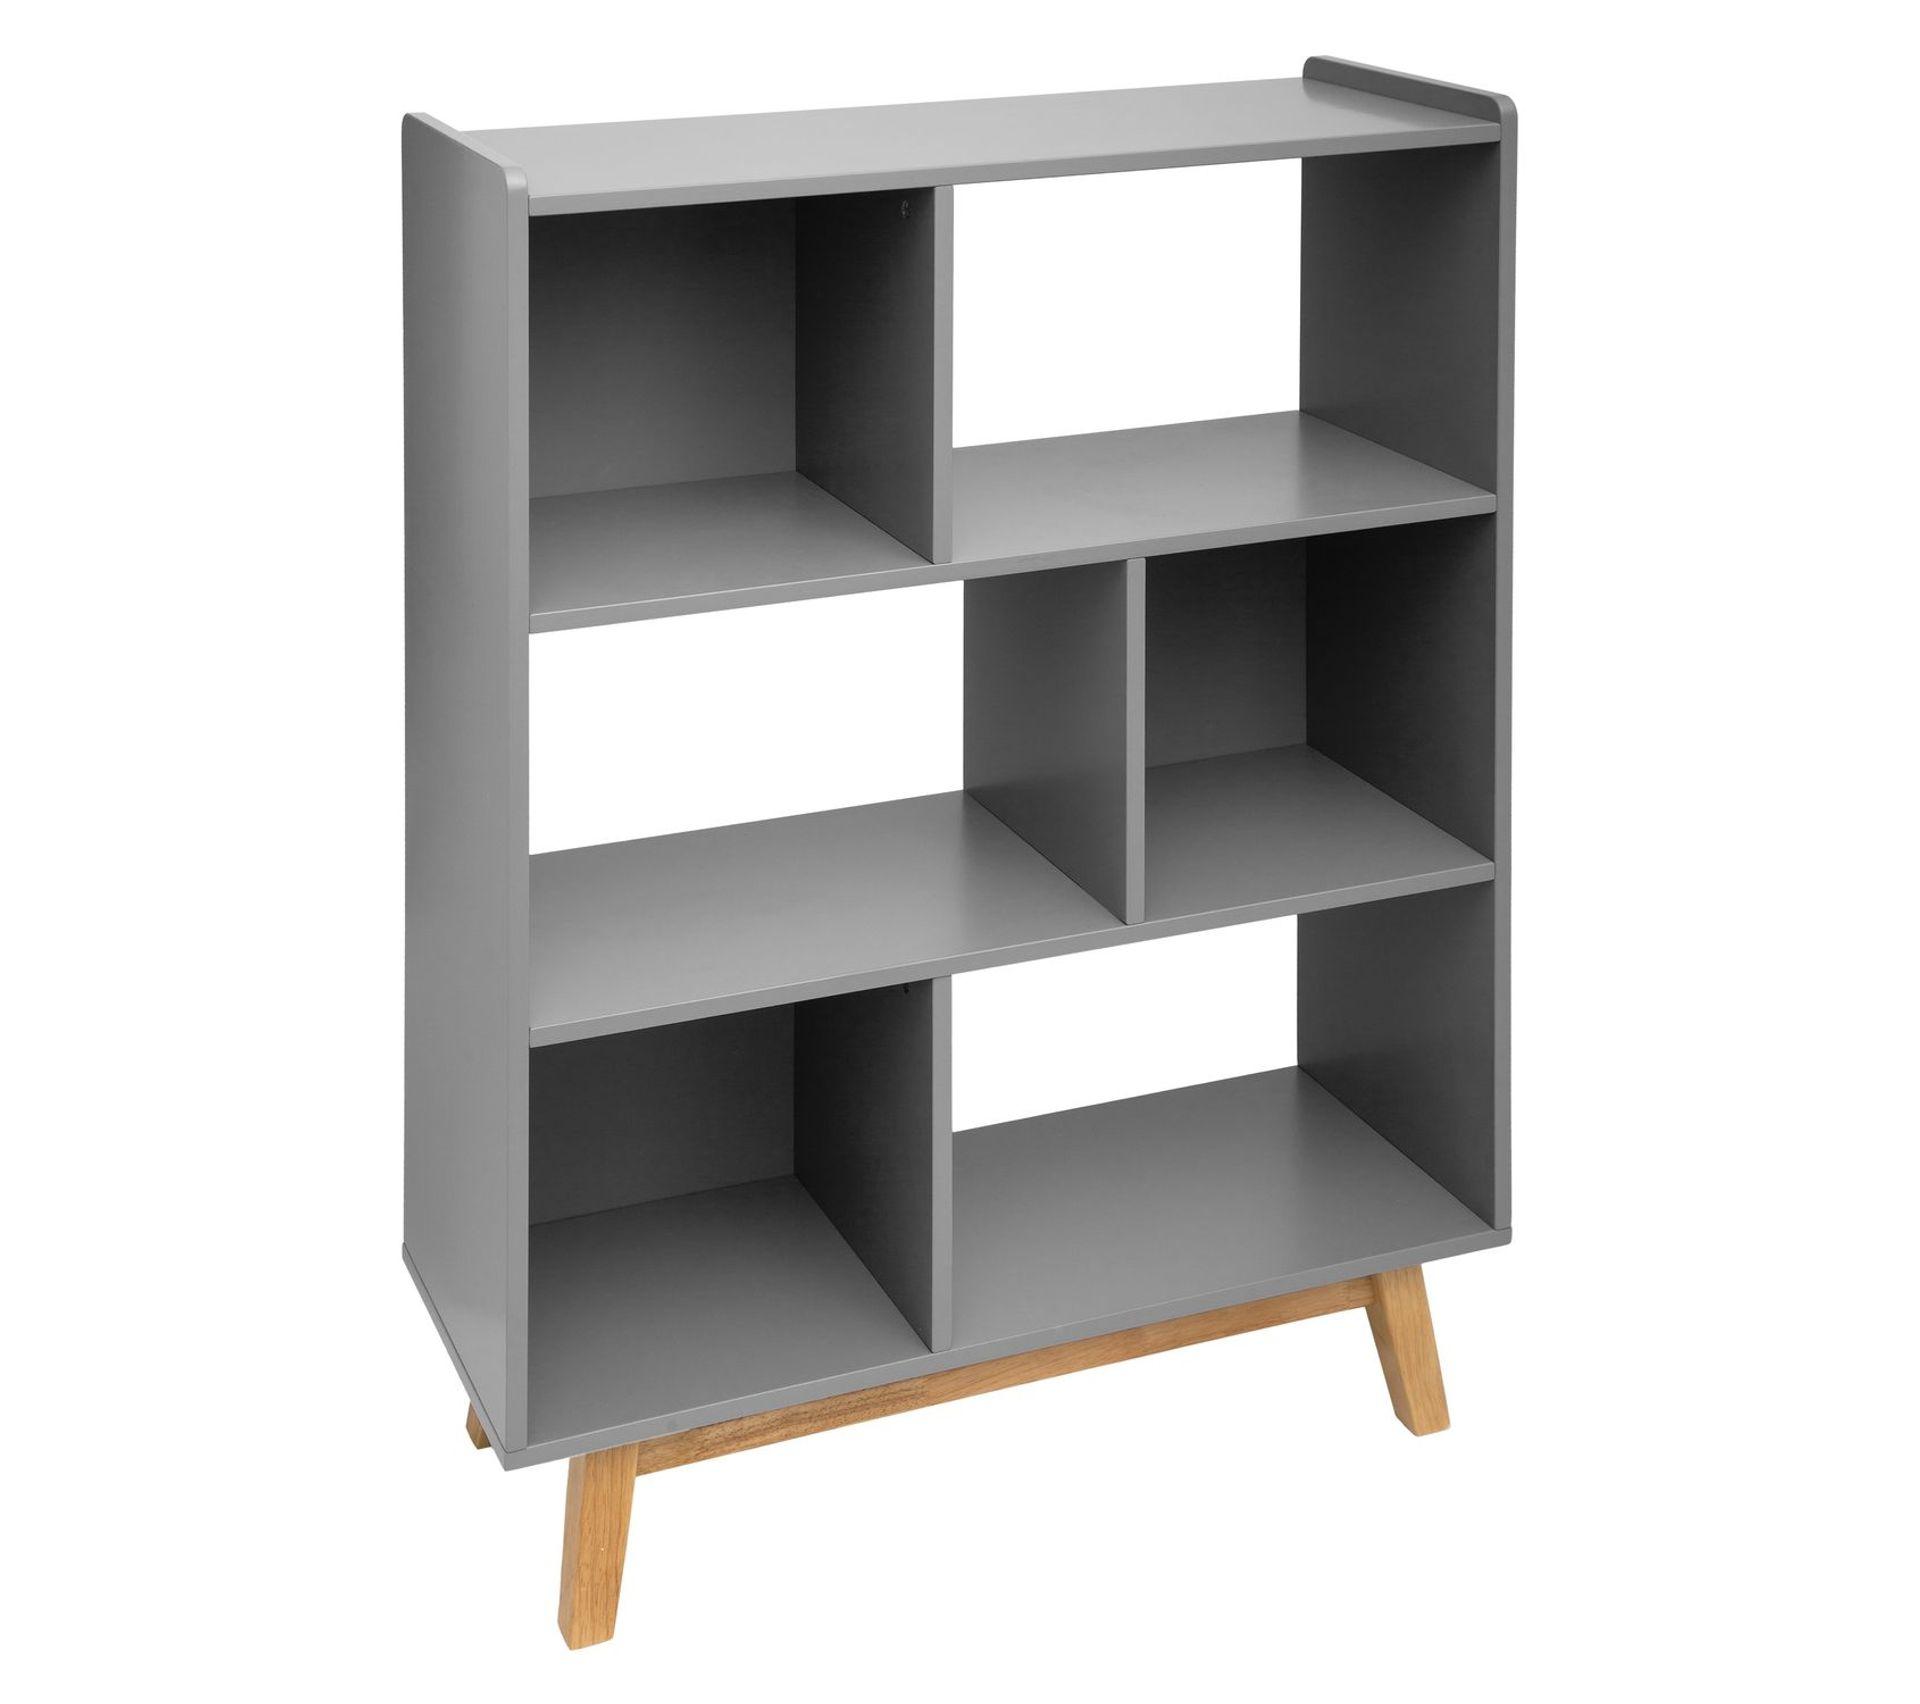 Etagere A Poser Sur Plan Travail etagère bibliothèque scandinave en bois elva - l. 80 x h. 112 cm - gris